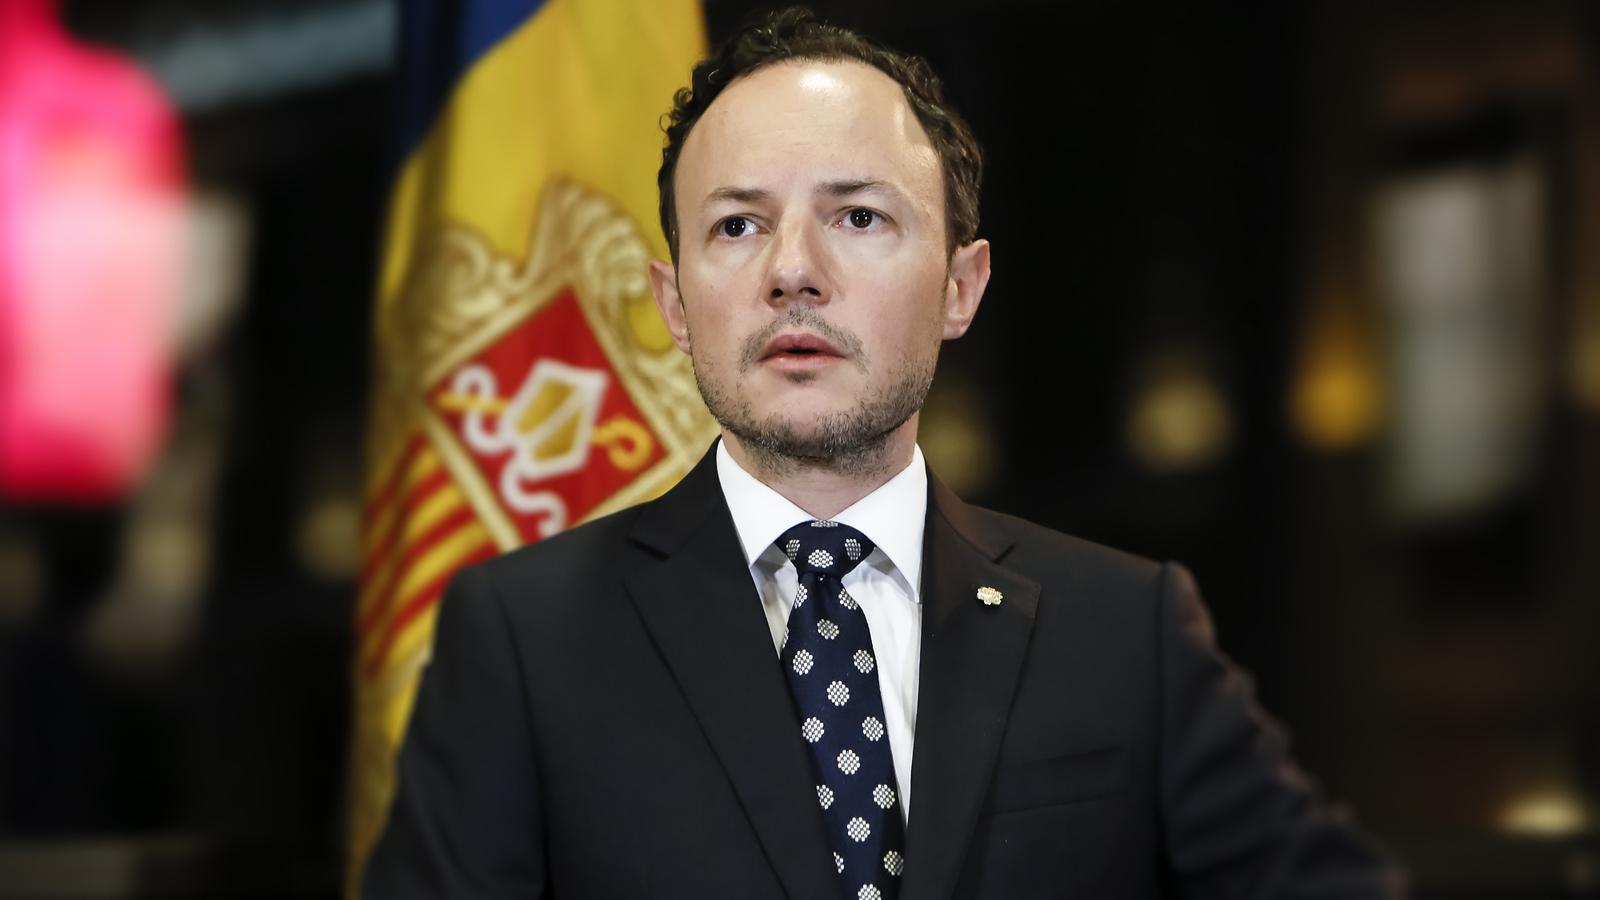 El cap del Govern, Xavier Espot, durant la seva intervenció aquest dissabte al vespre. / SFG